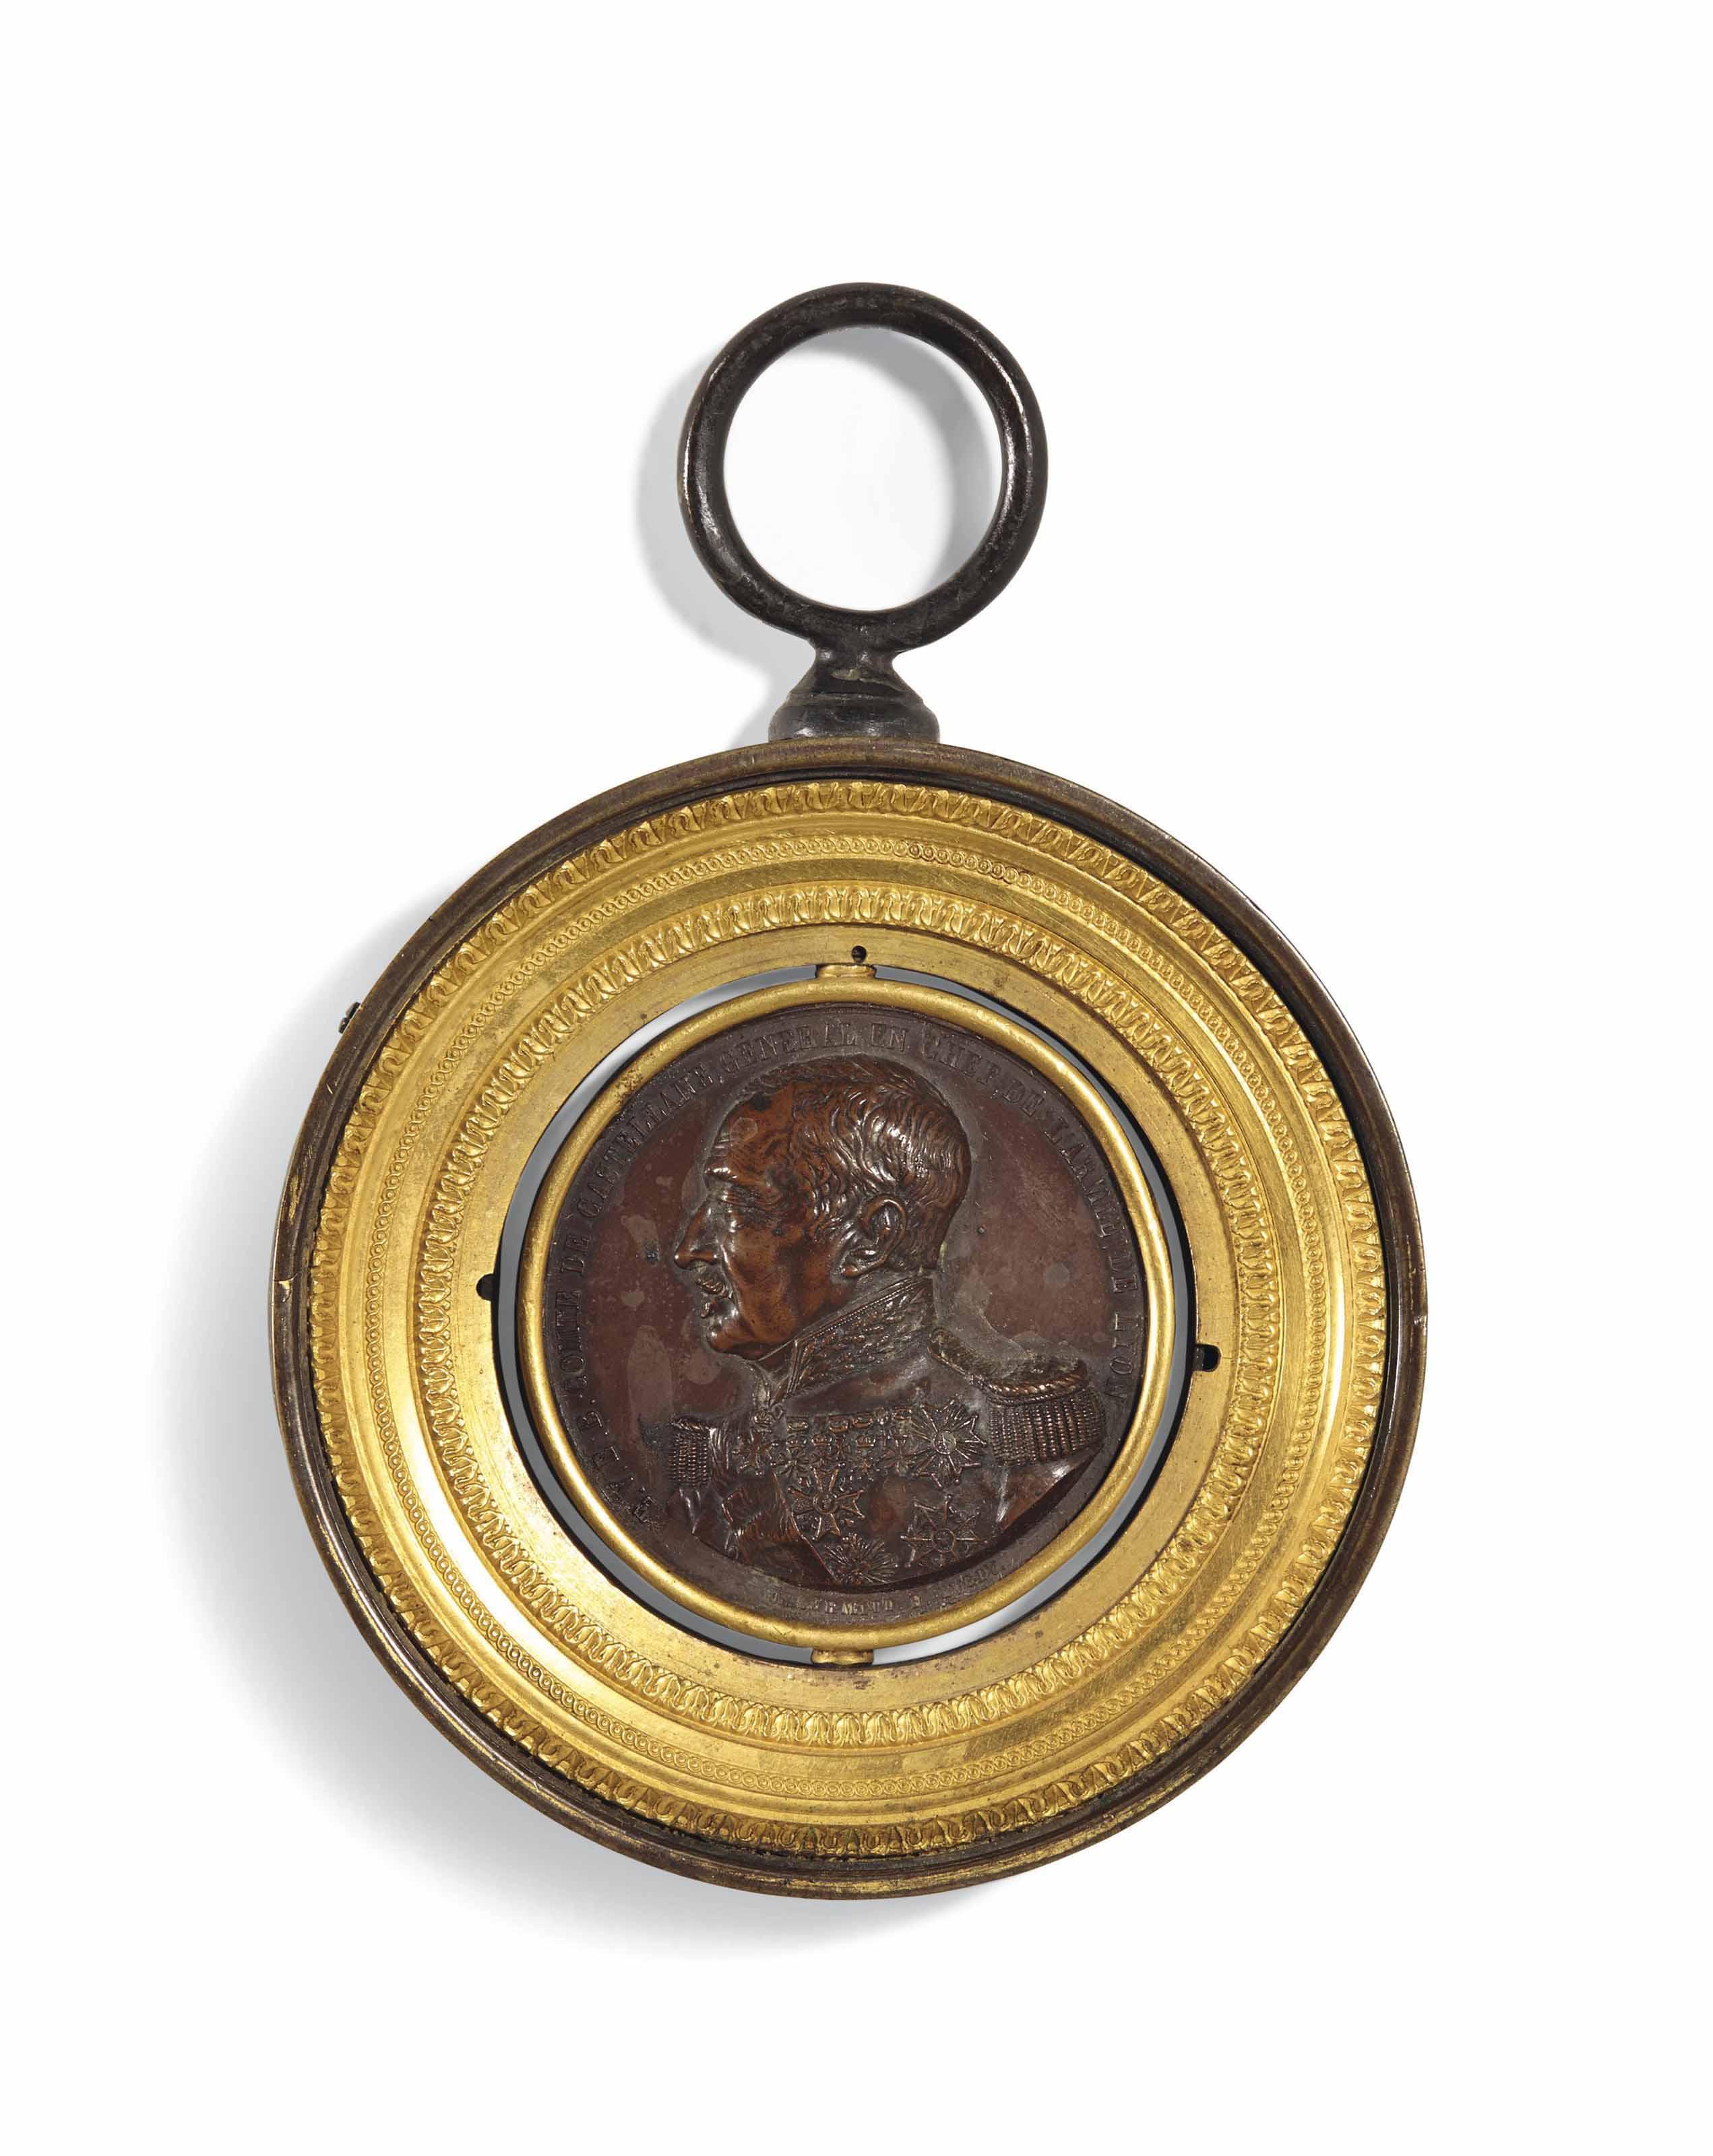 MÉDAILLE EN BRONZE REPRÉSENTANT LE COMTE BONIFACE DE CASTELLANE (1788-1862)